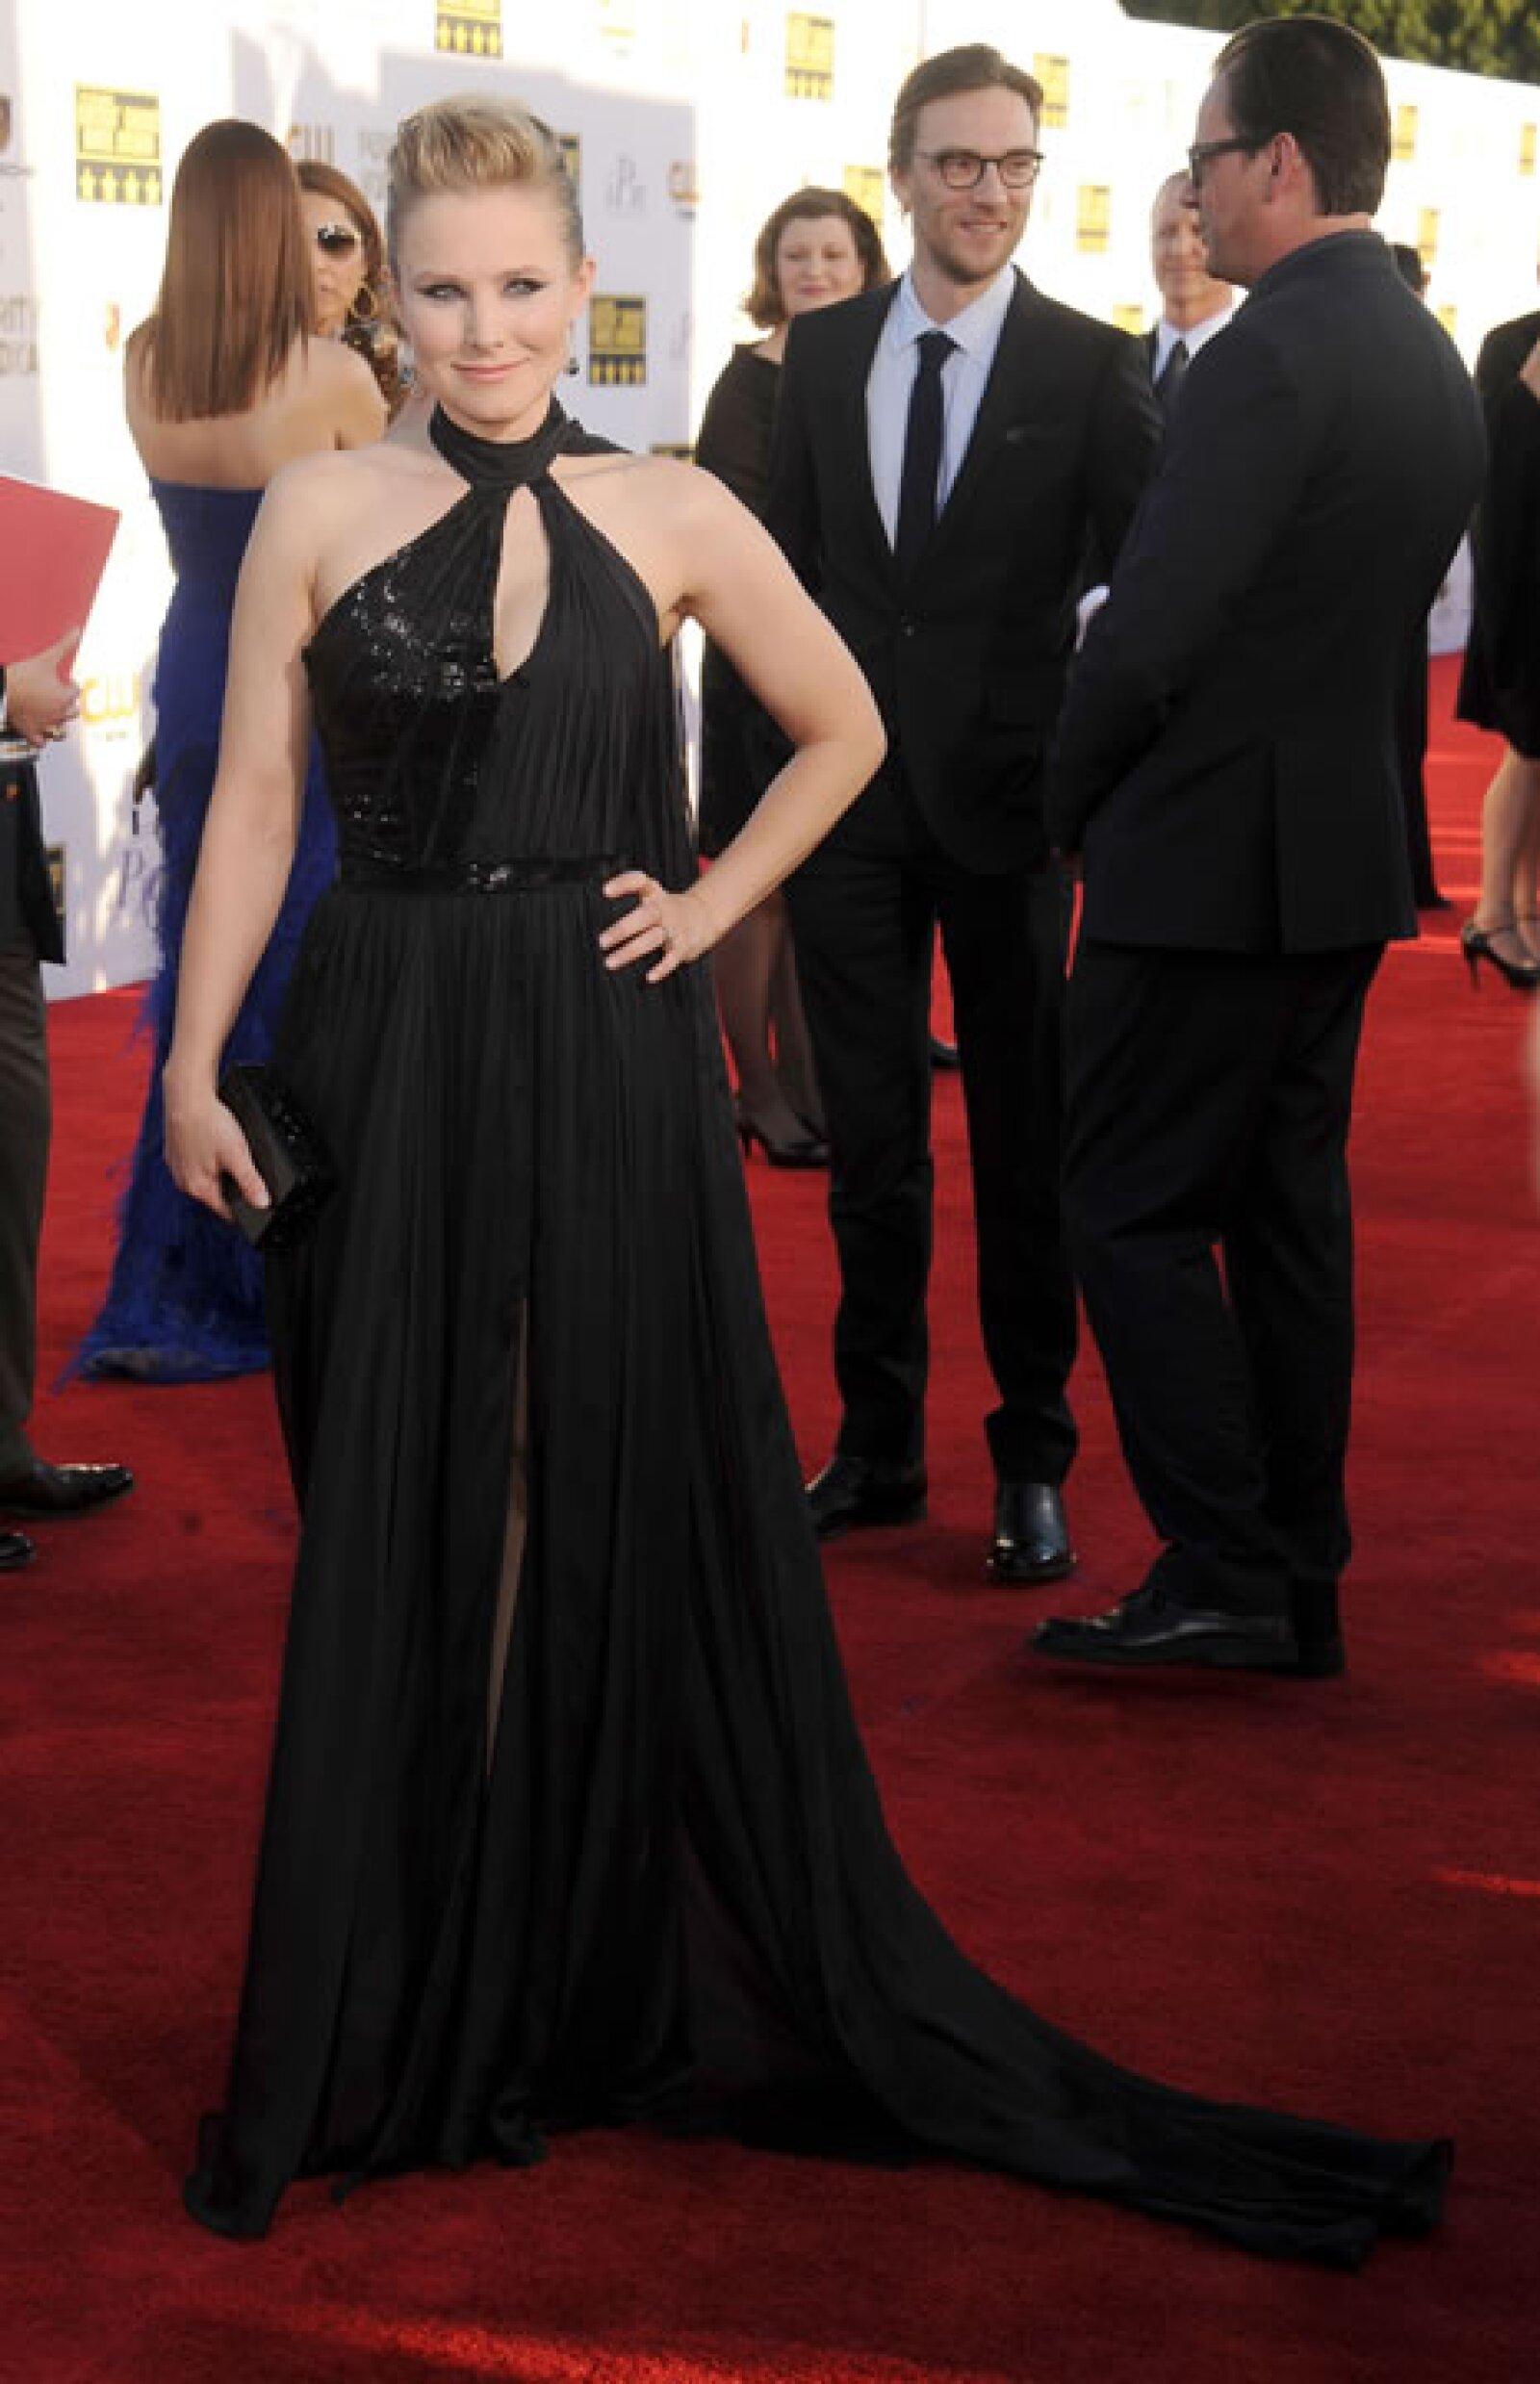 Kristen Bell lució espectacular a algunos meses de haberse convertido en madre.